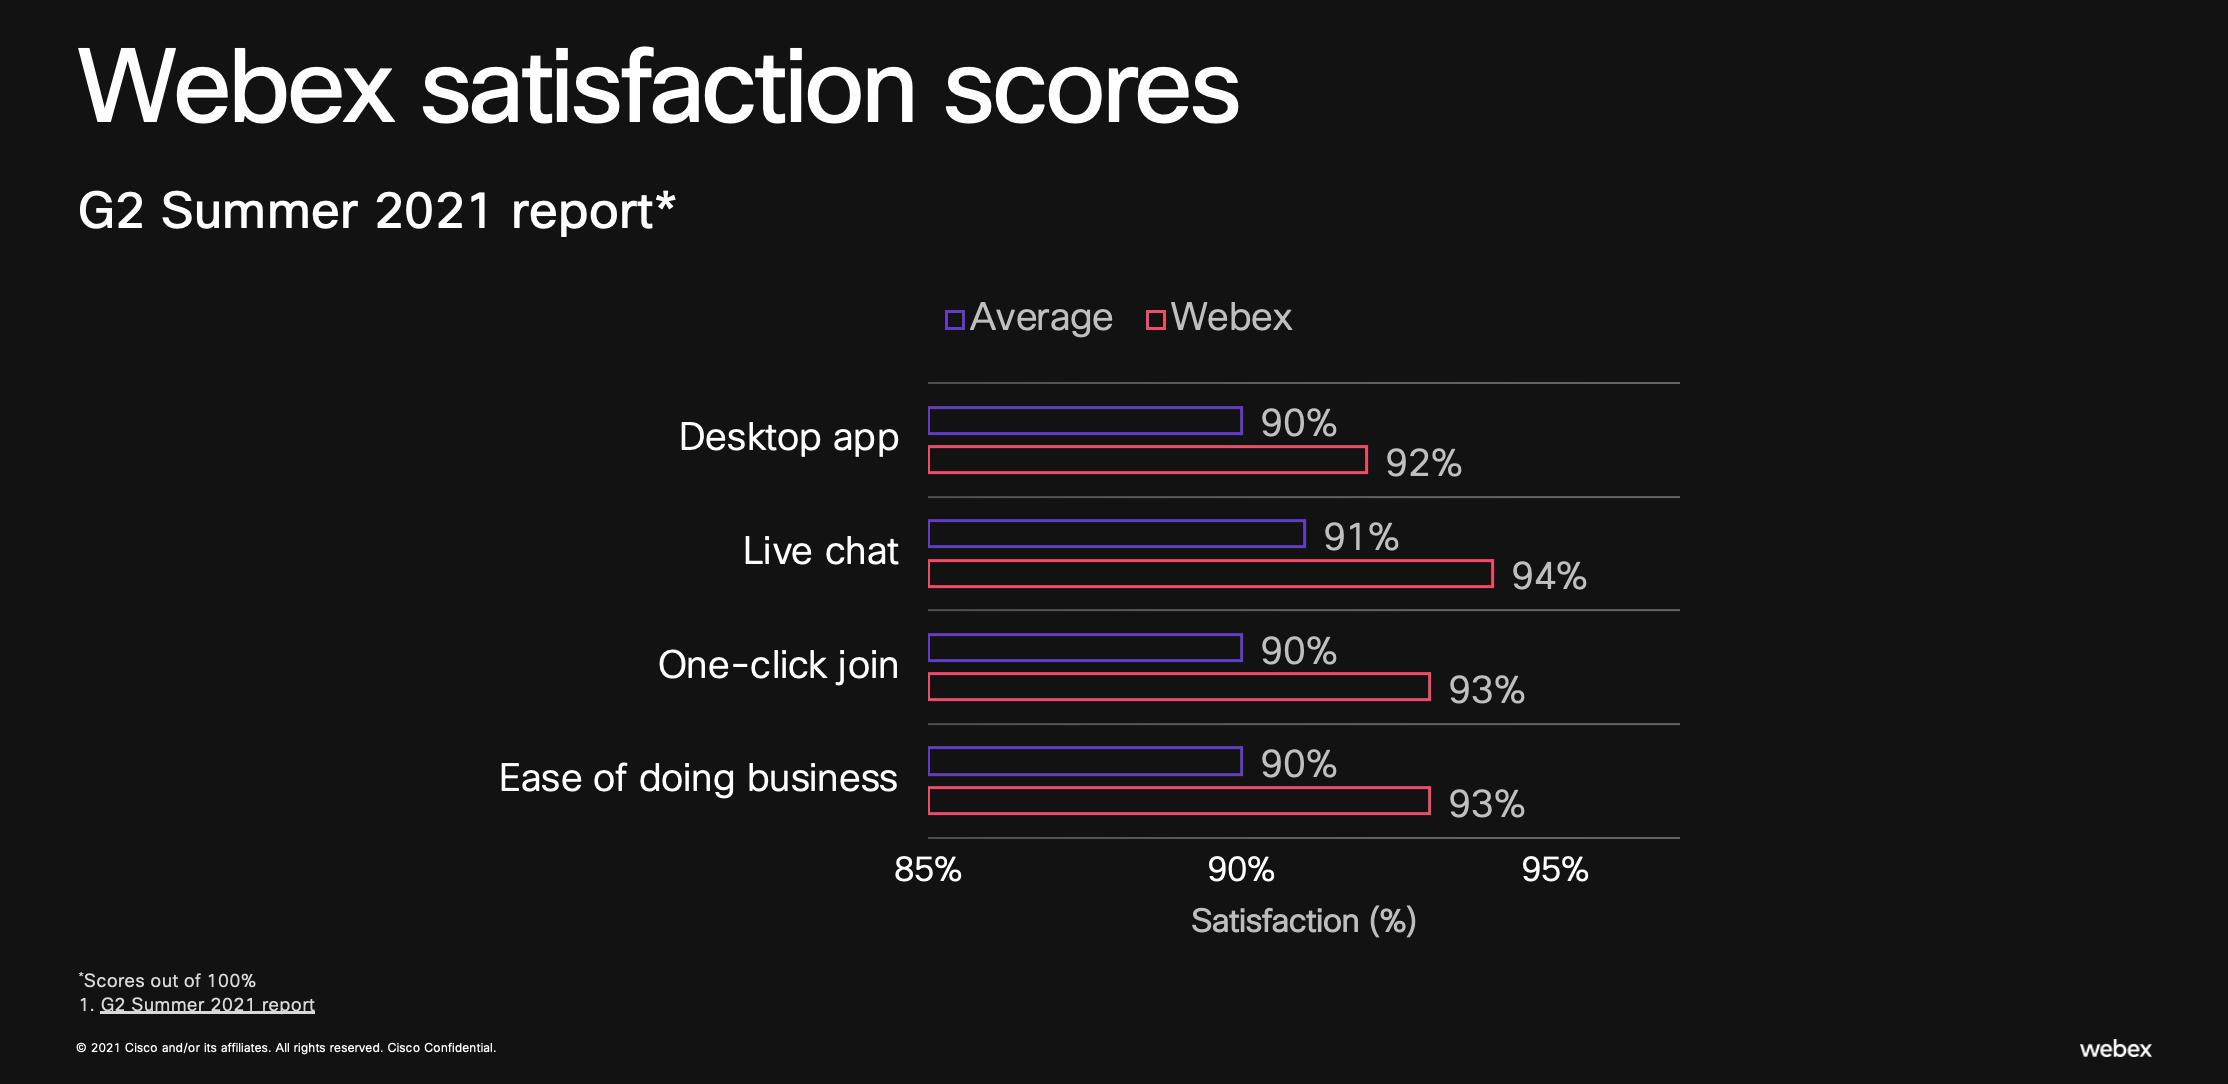 Webex satisfaction scores